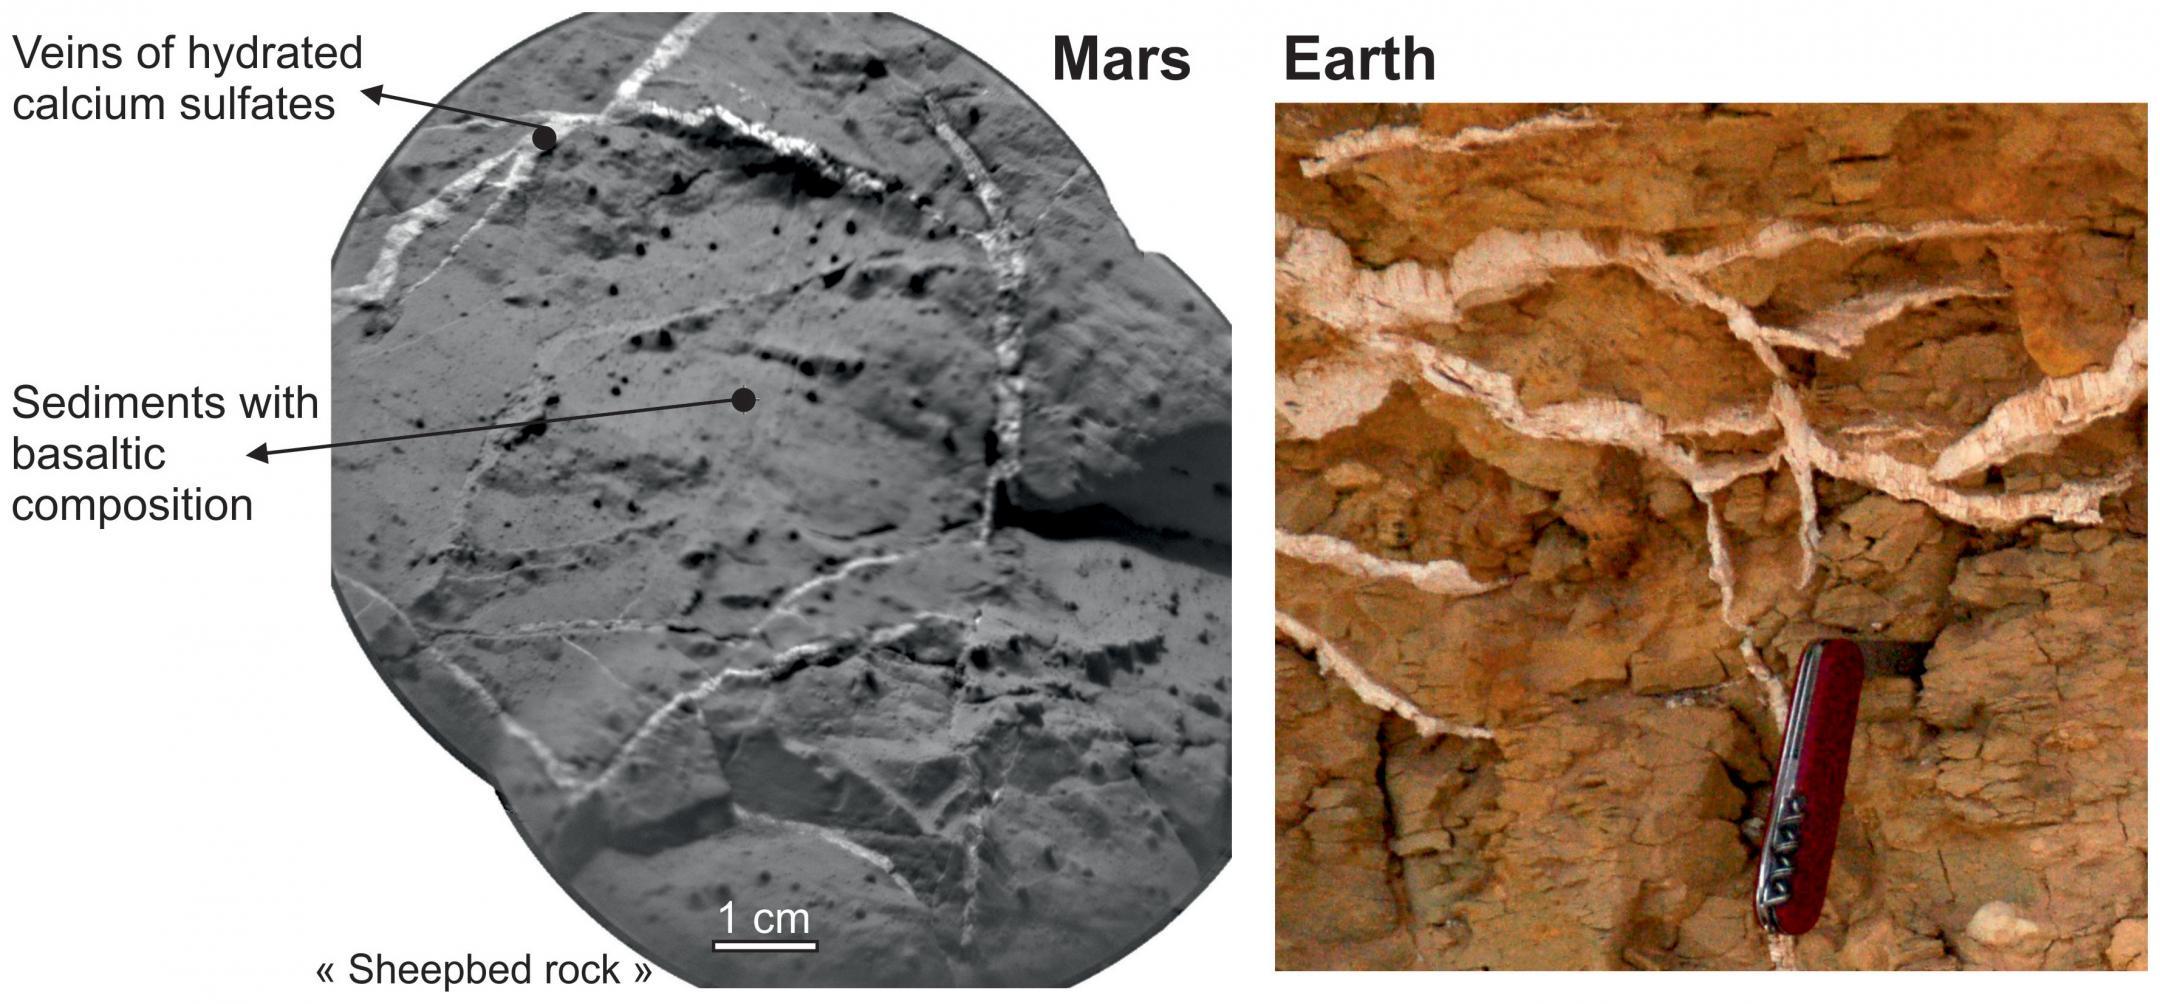 Images montrant des similitudes entre les sols martien et terrien